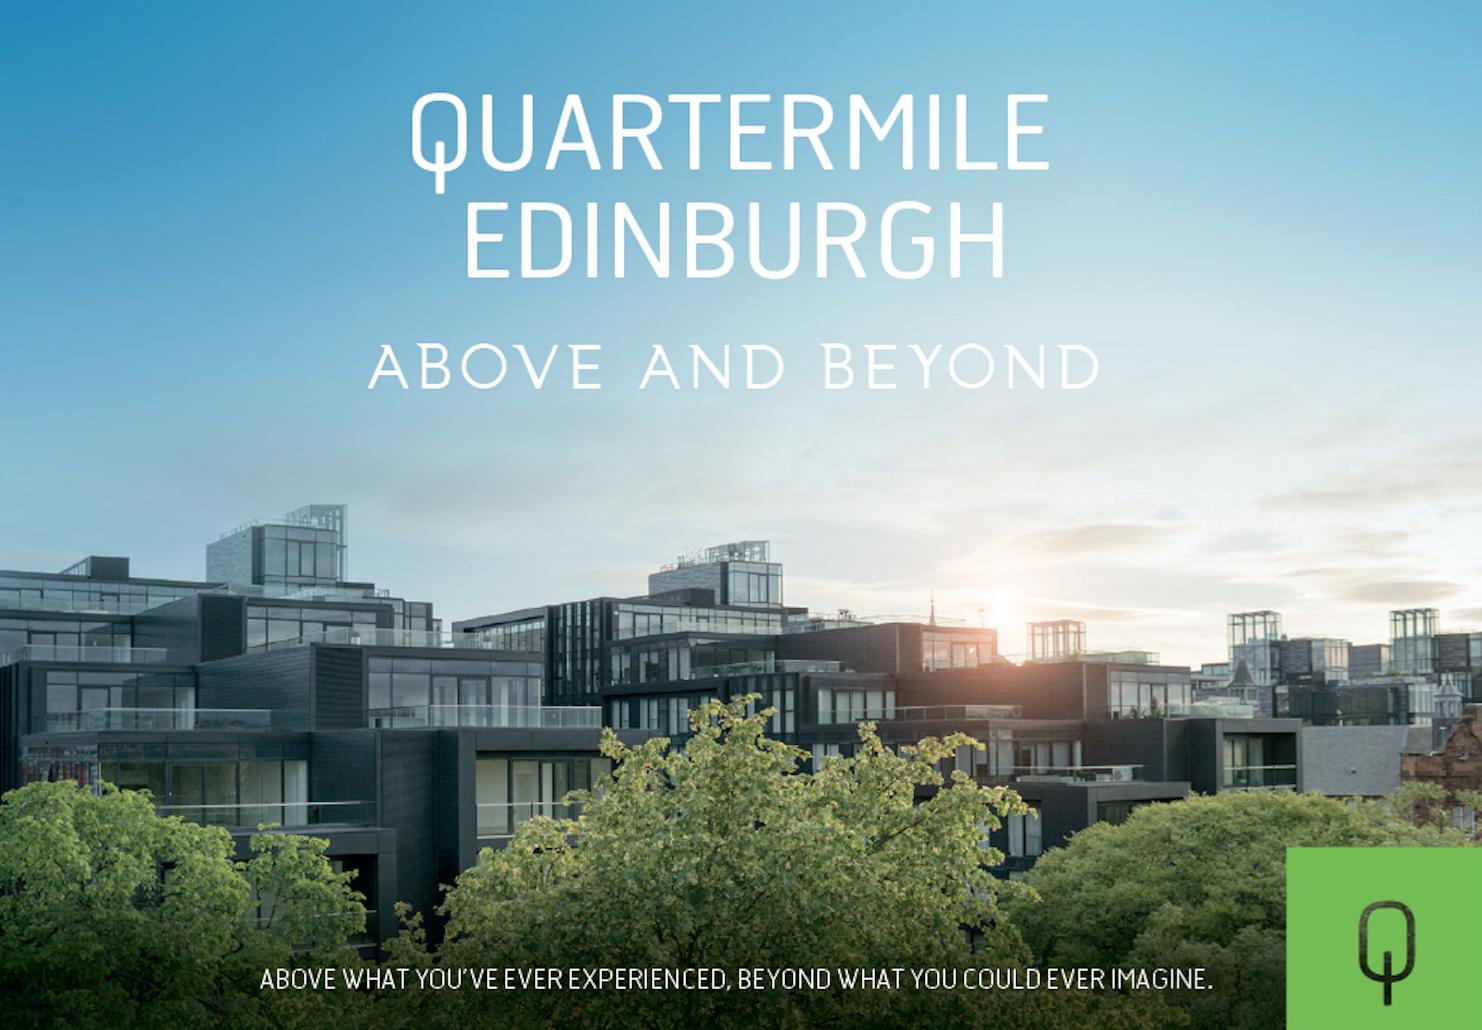 Quartermile